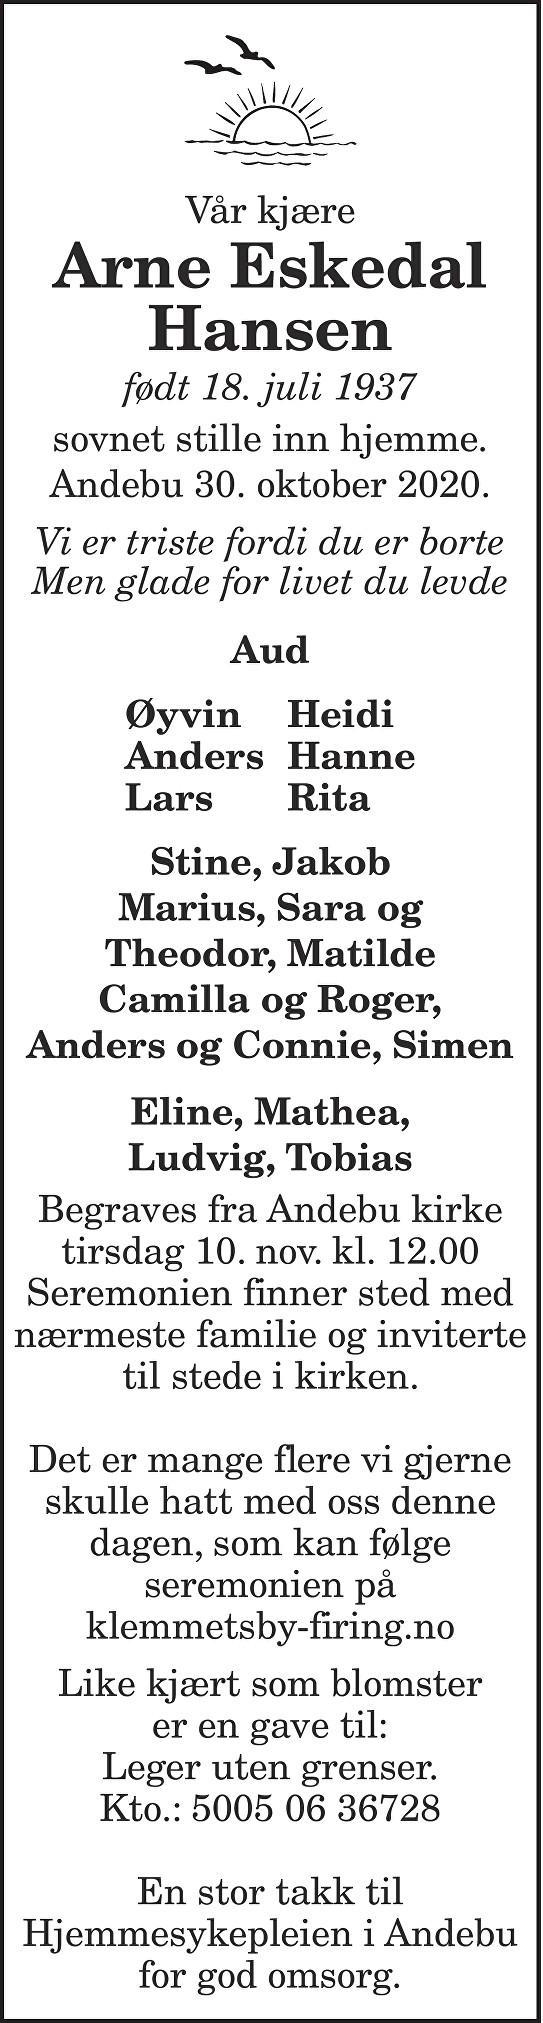 Arne Eskedal Hansen Dødsannonse